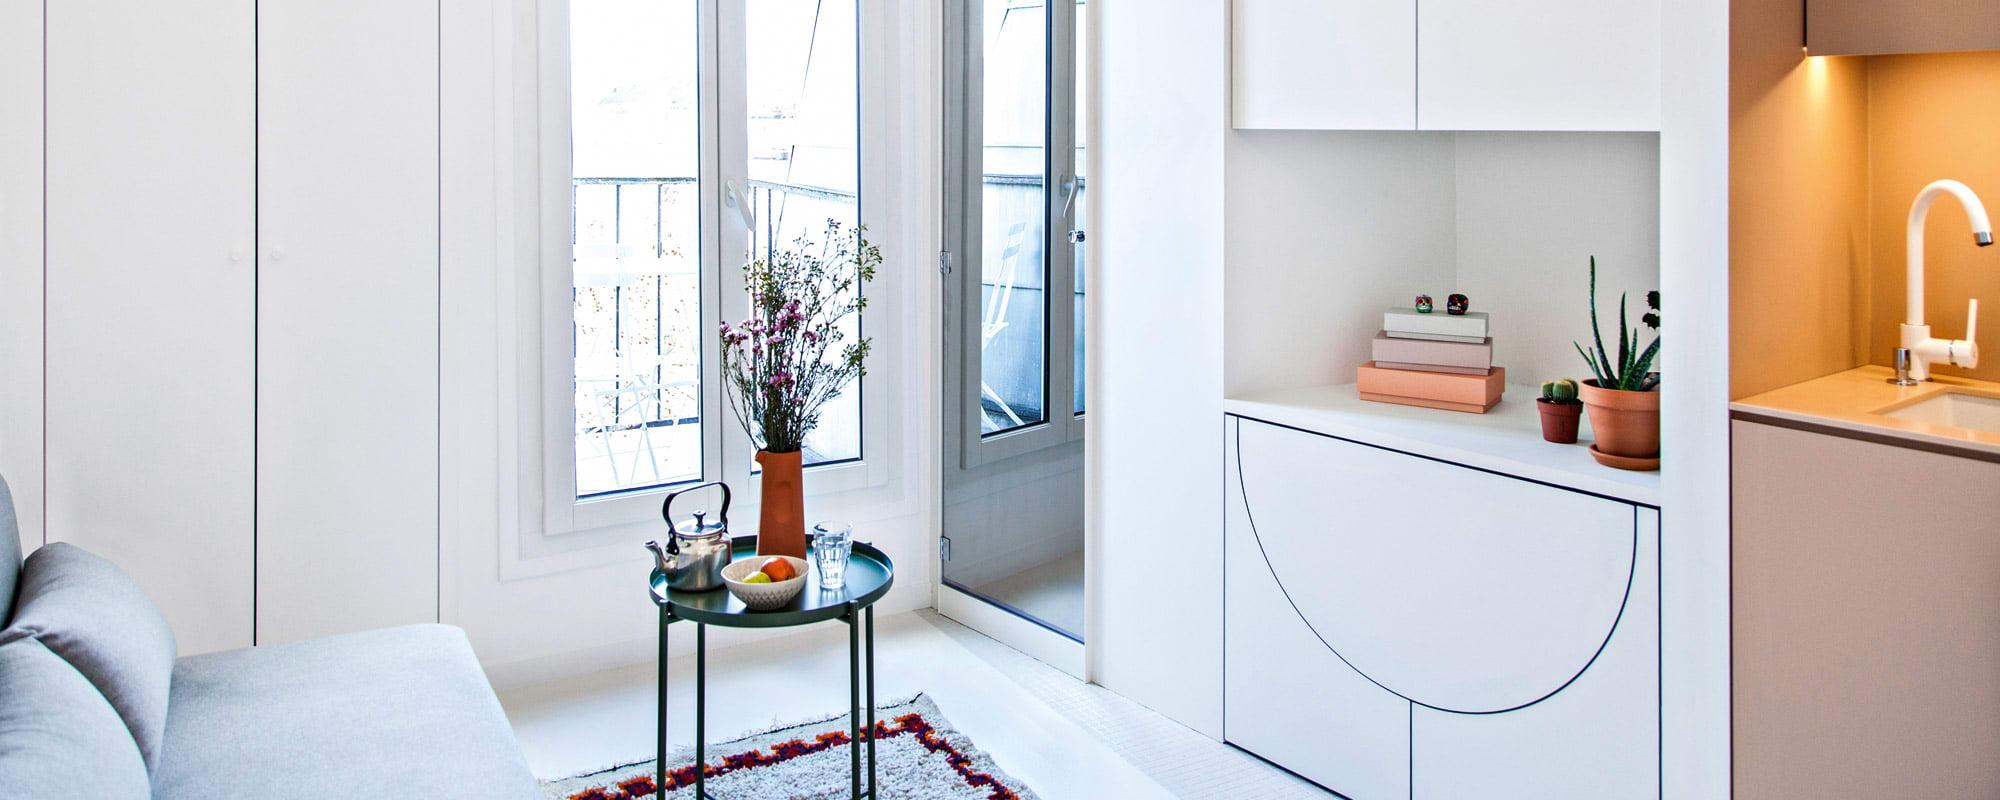 Dachapartment , Rebecca Benichou, Batiik Studio Ferienwohnung, Paris, wohnen auf kleinem Raum, Microliving